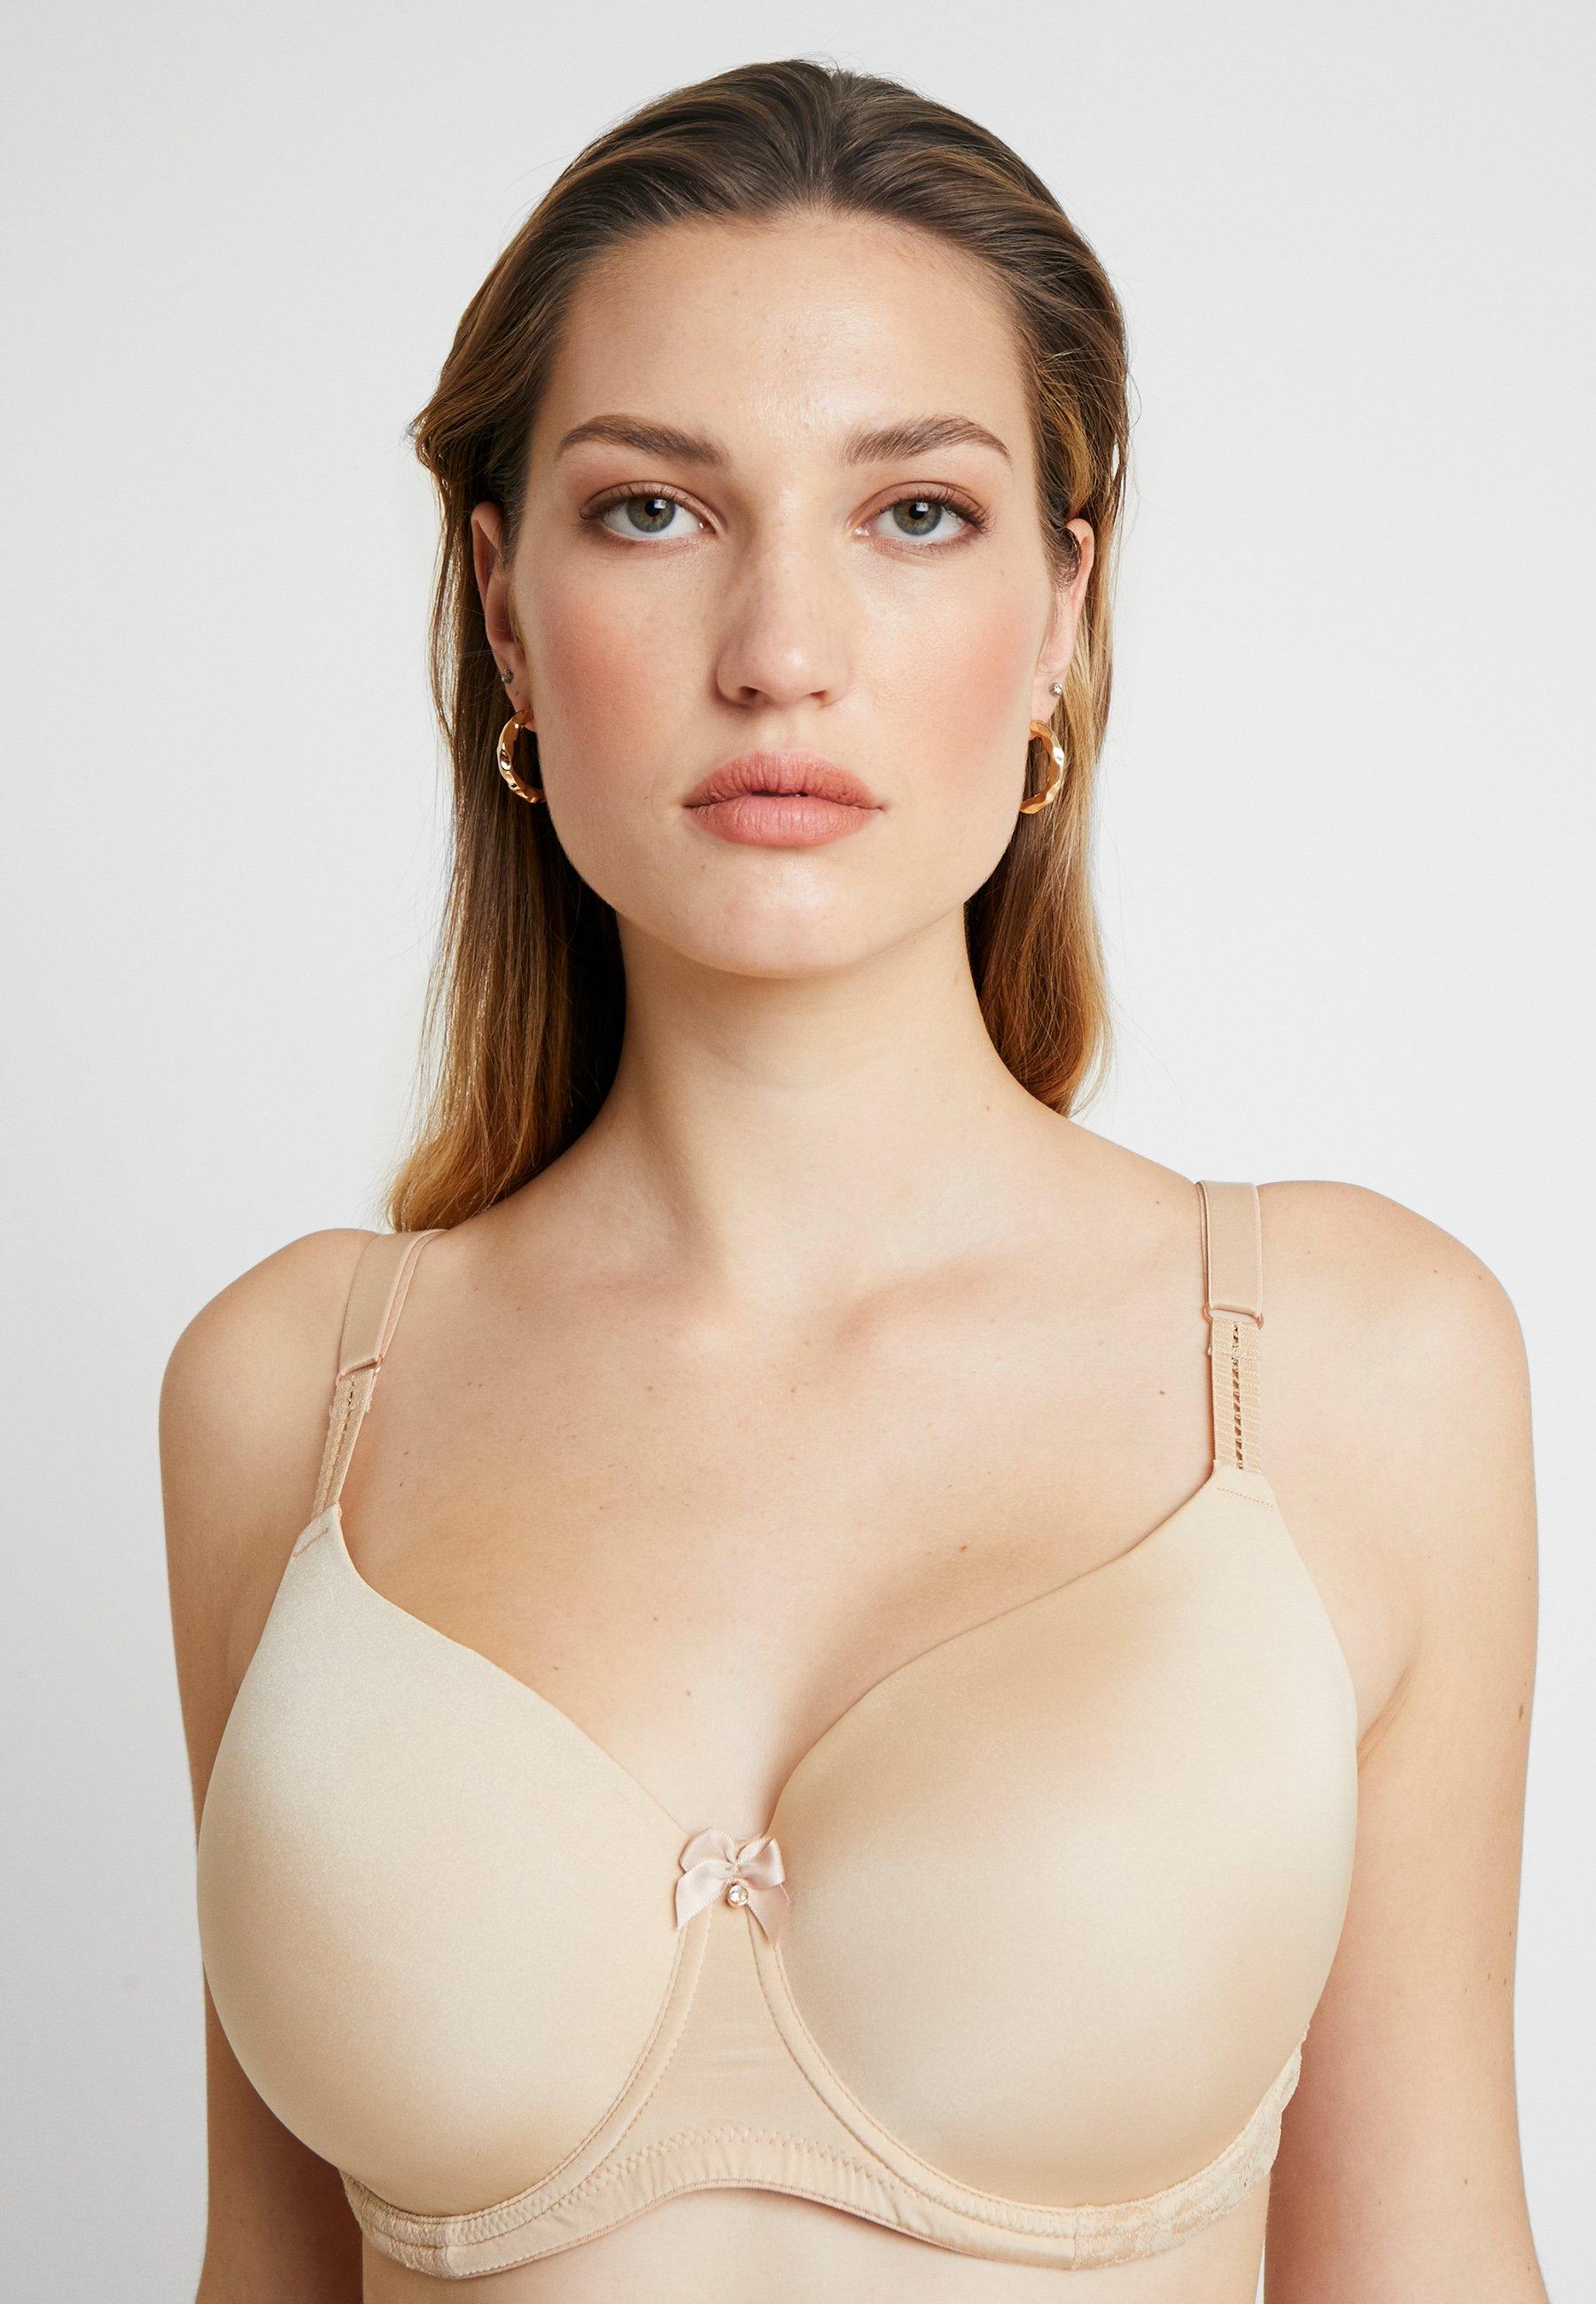 Women FARO FULL COVER BRA FANCY BACK - T-shirt bra